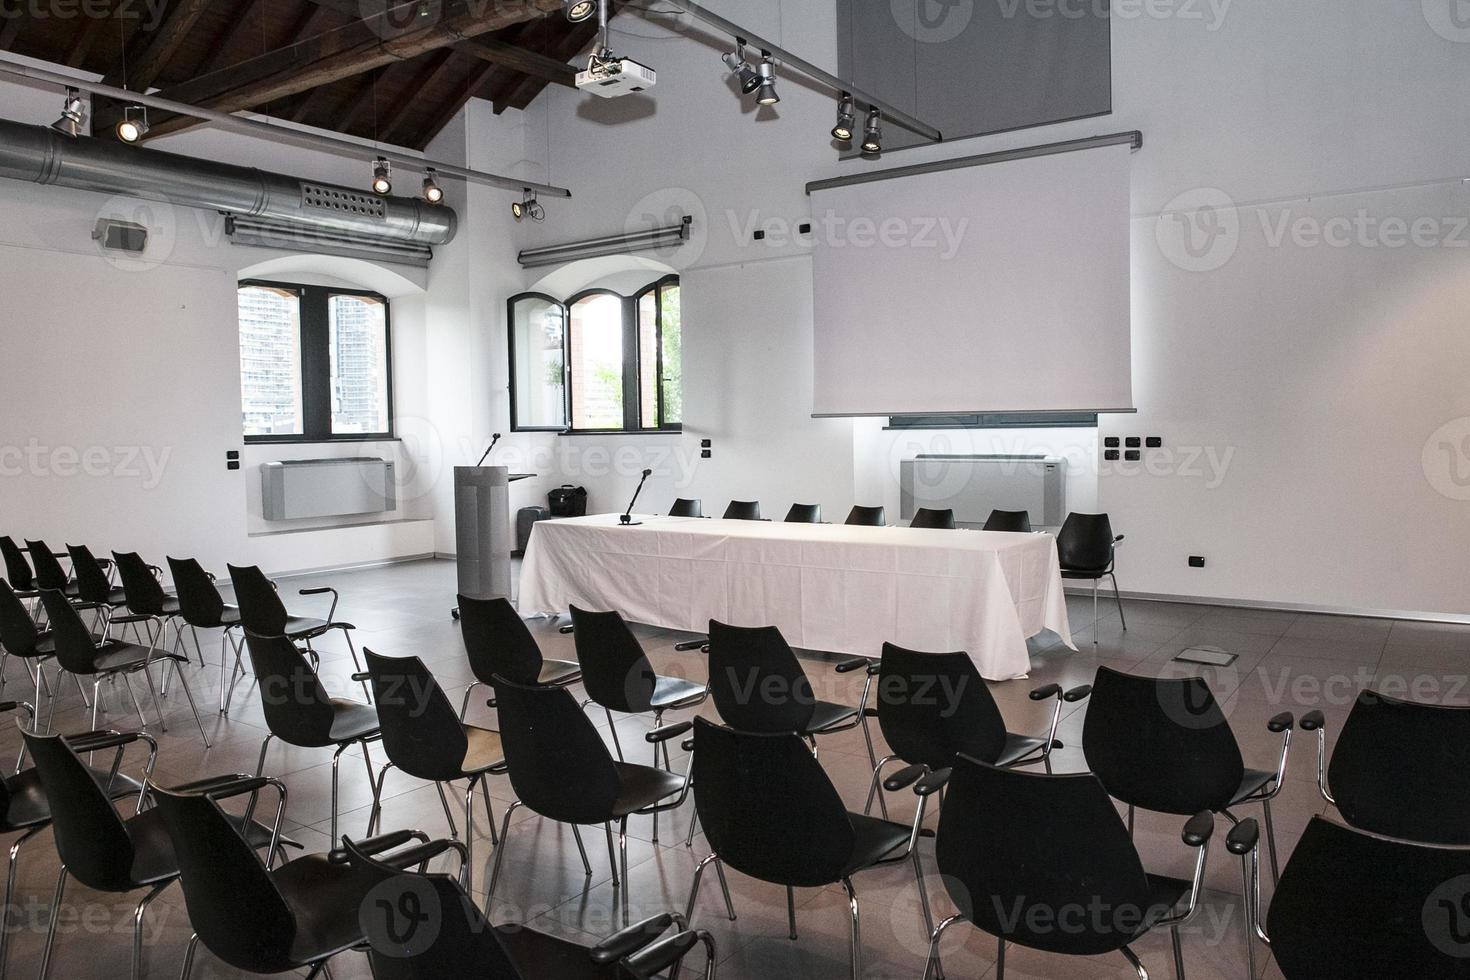 sala de conferencia foto